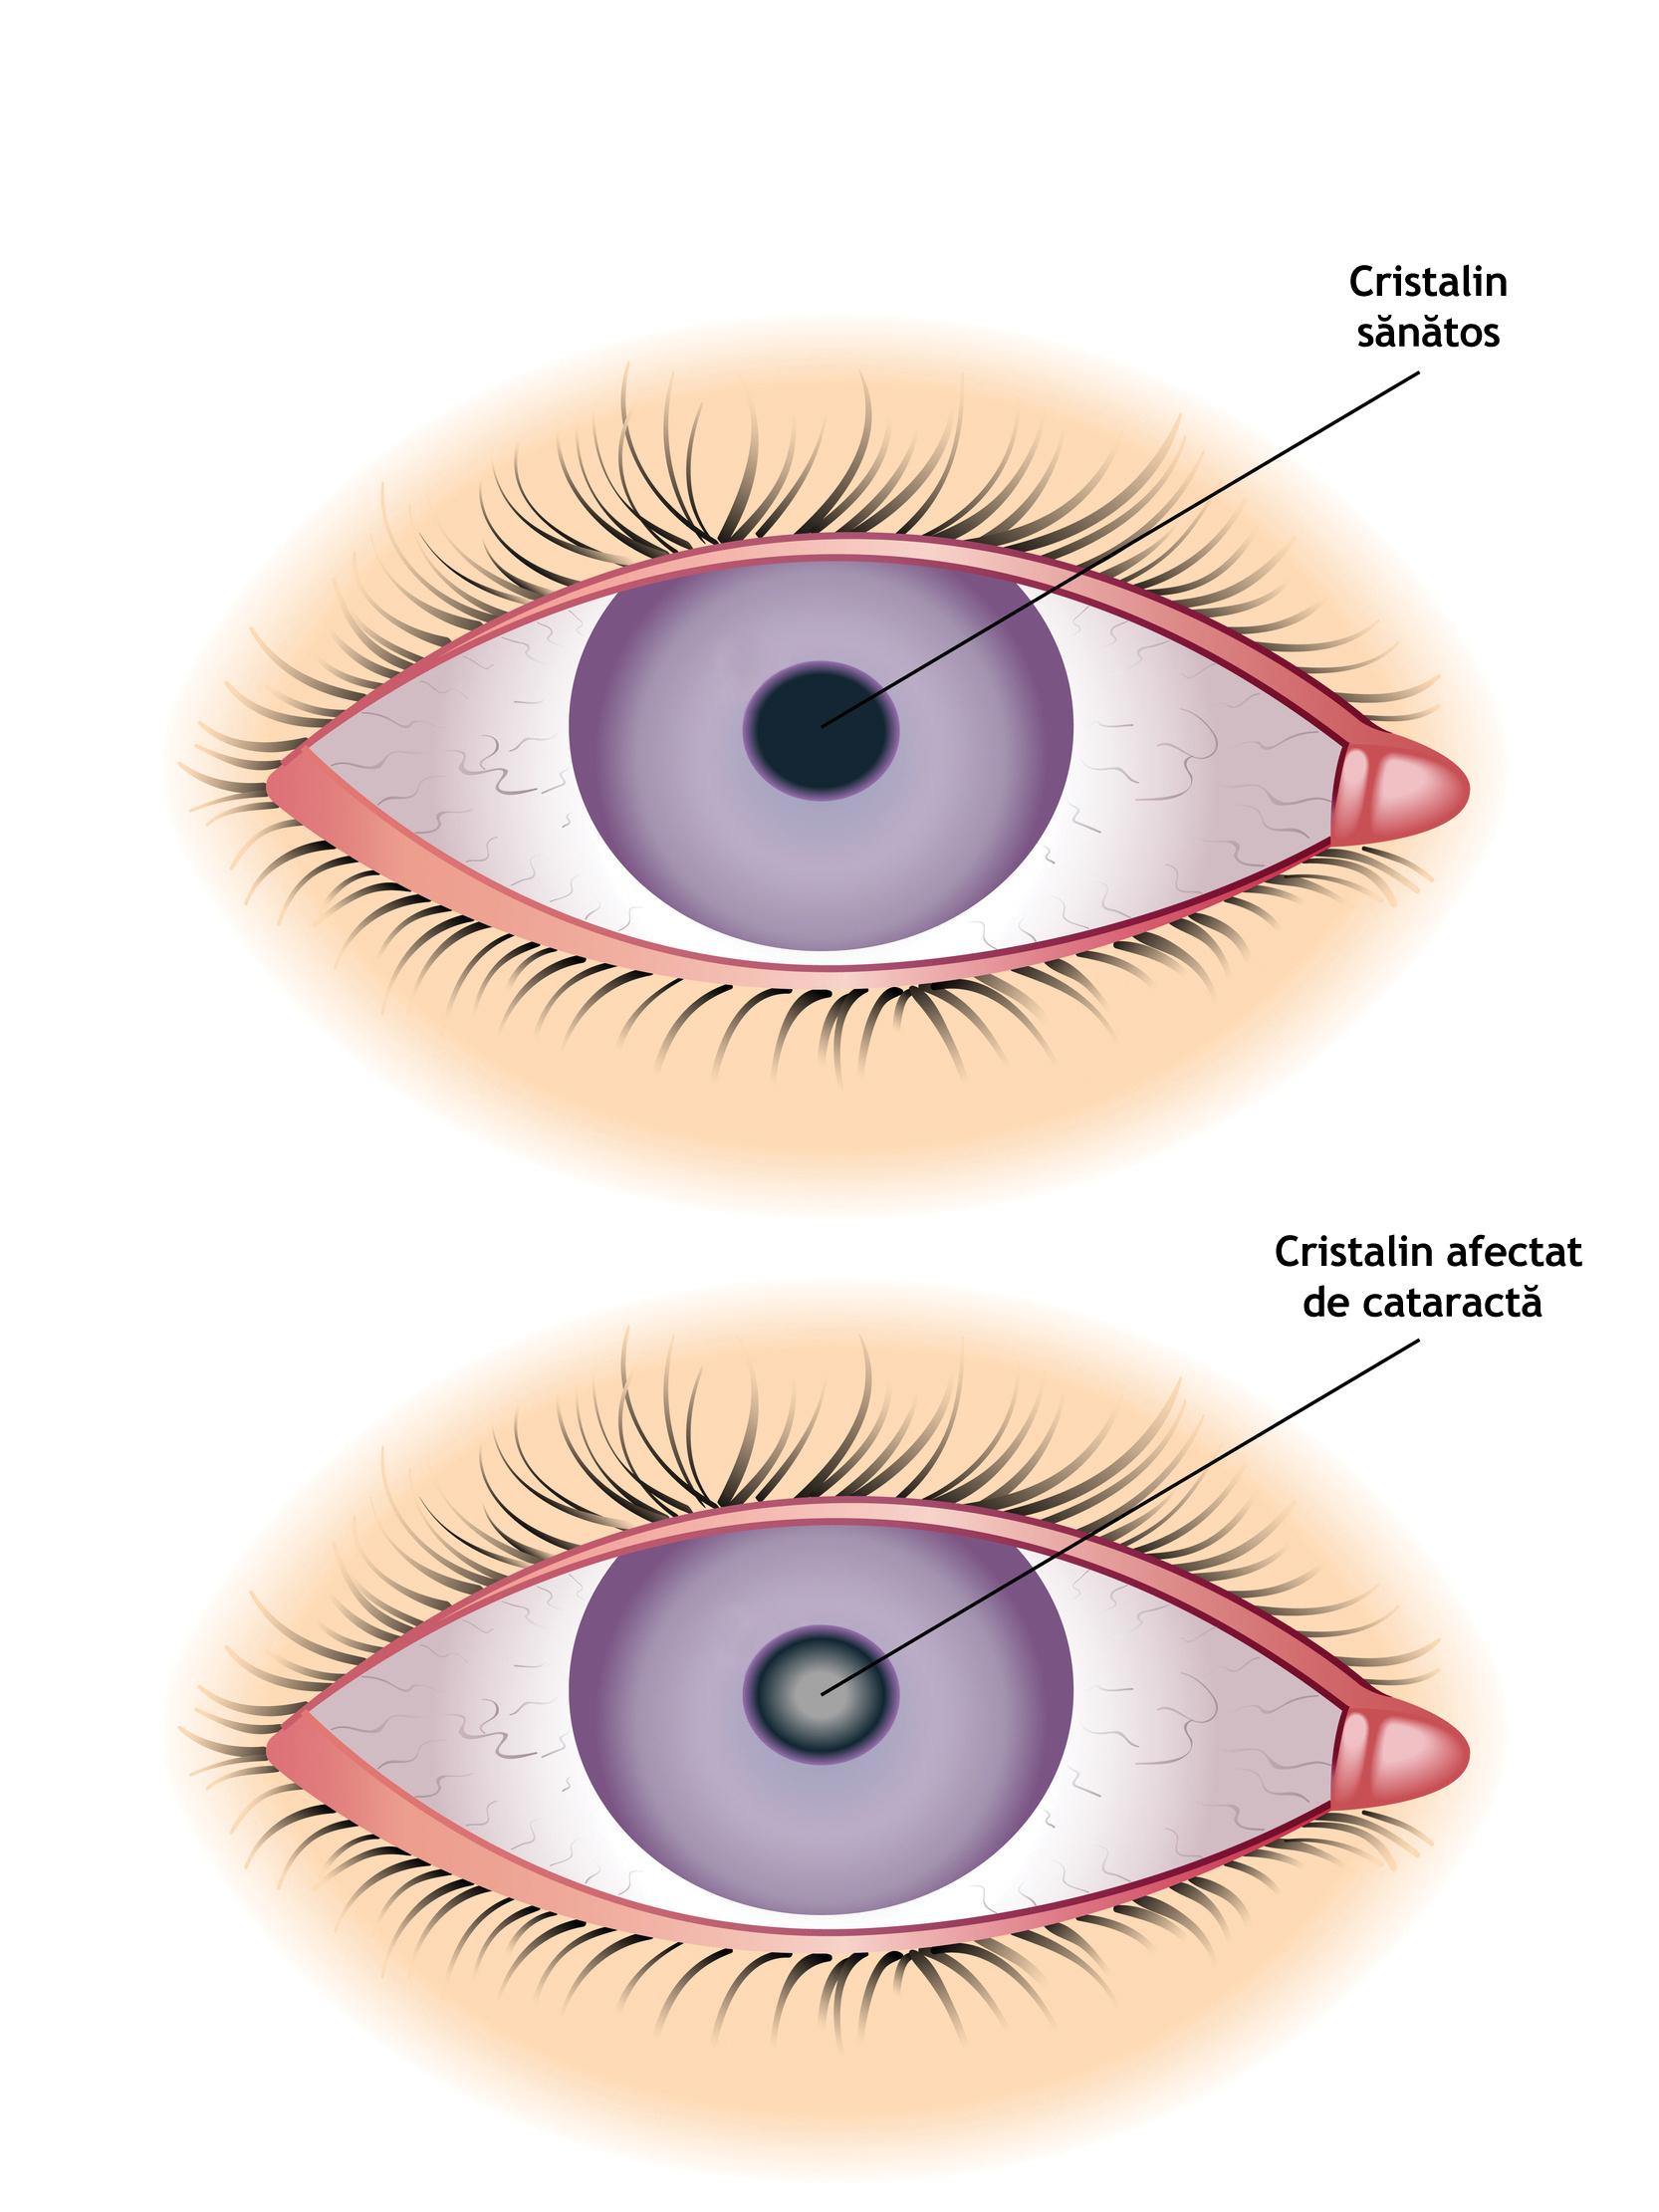 Ce trebuie de facut dupa operatie de cataracta?